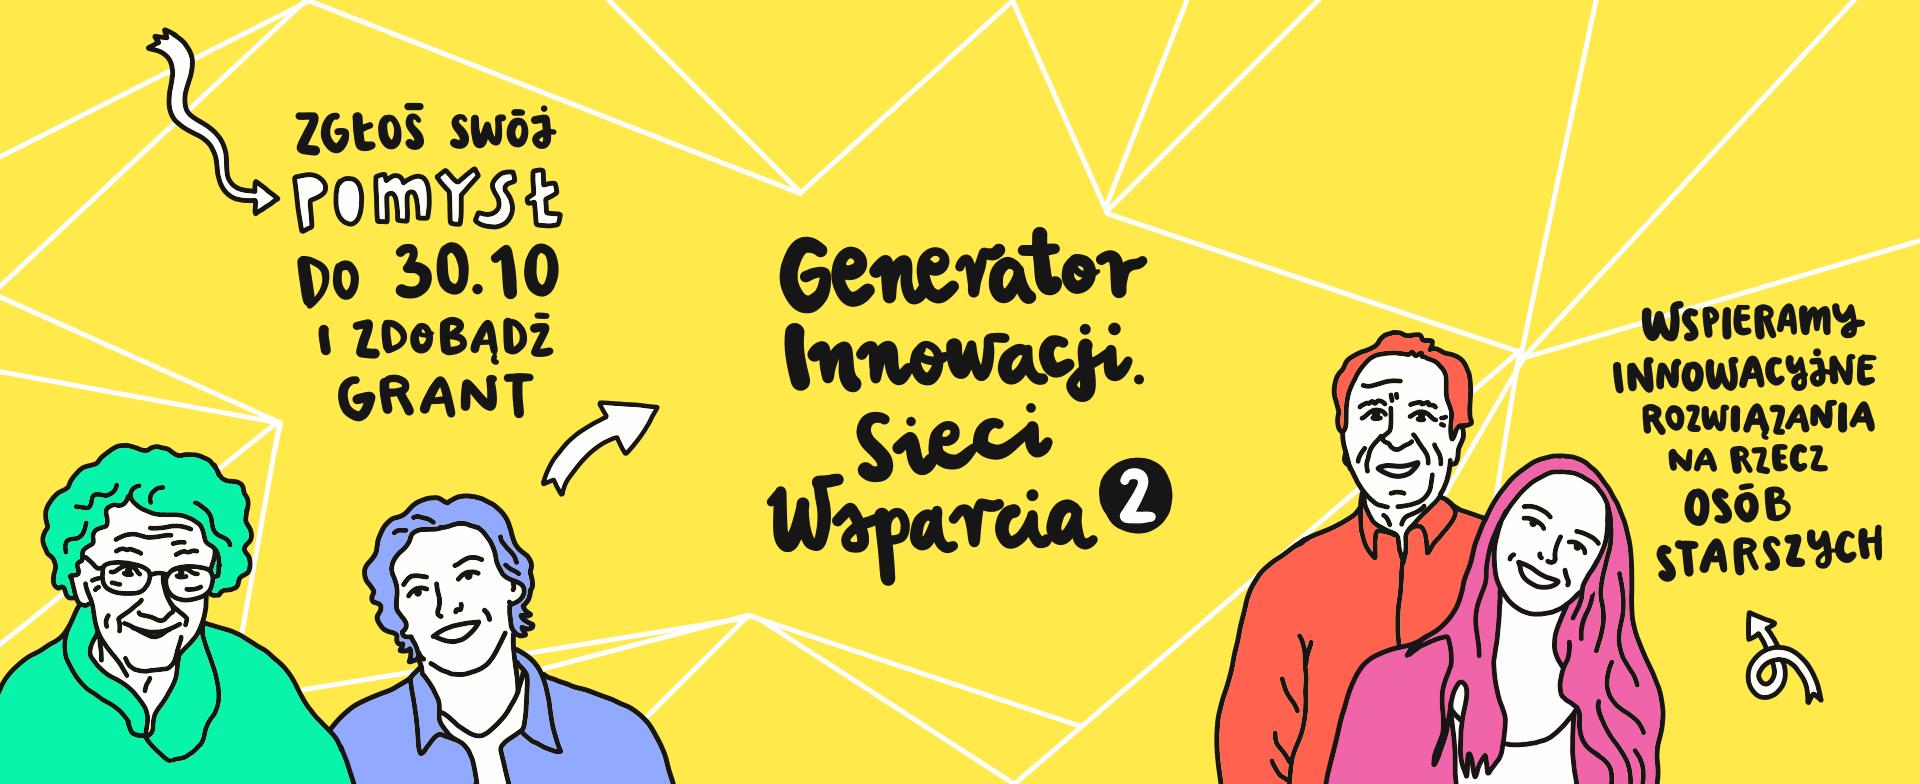 Generator Innowacji. Sieci Wsparcia 2